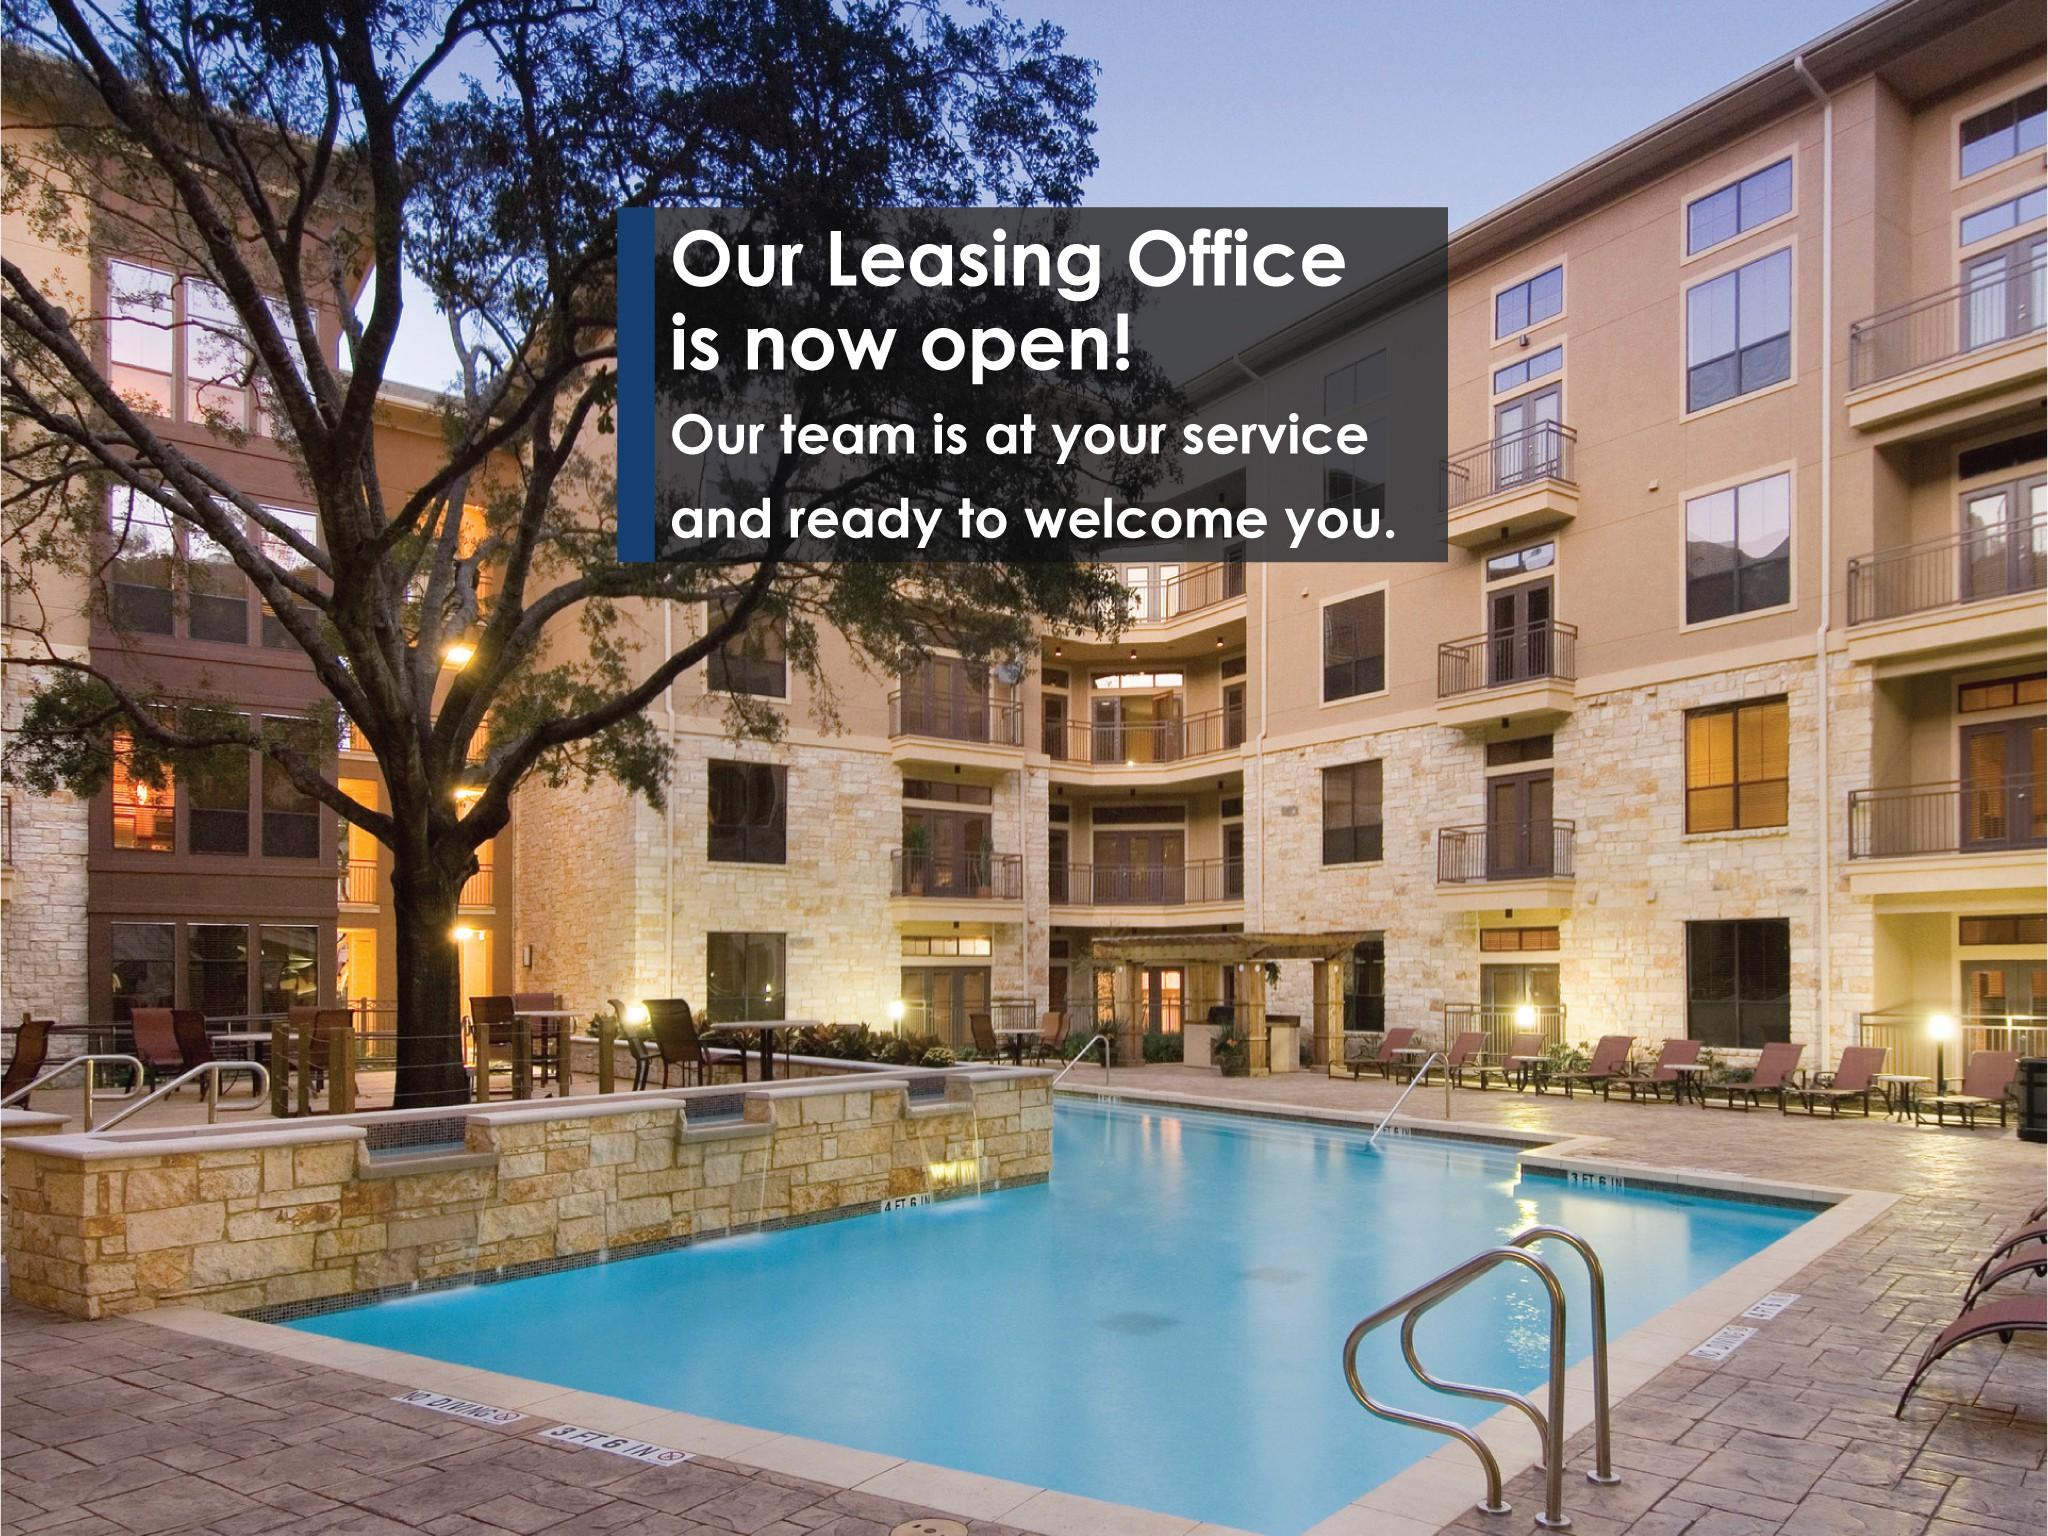 Apartments Near Strayer University-Northwest Houston Gables 6464 San Felipe for Strayer University-Northwest Houston Students in Houston, TX